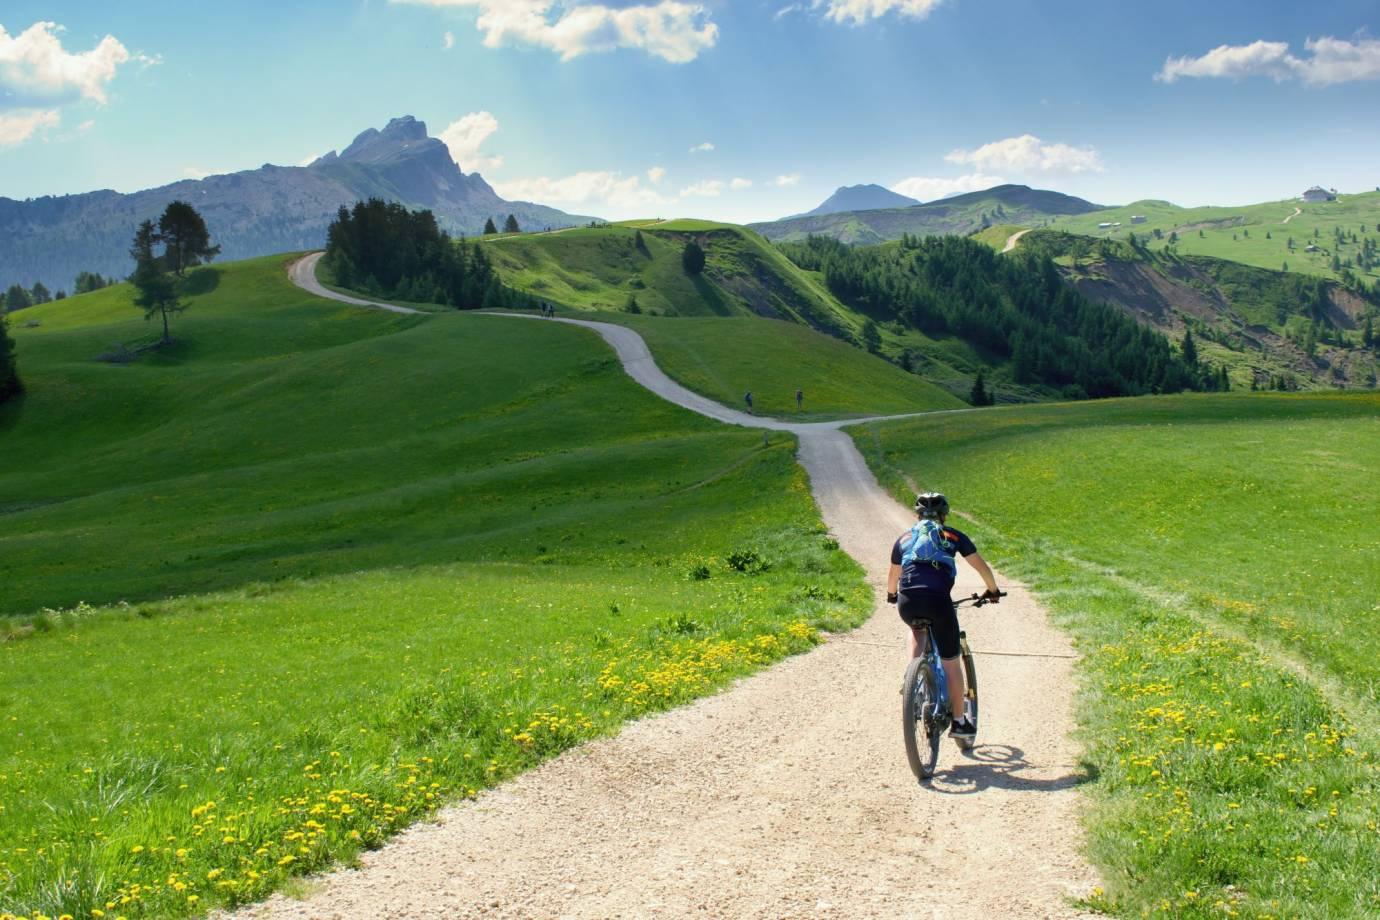 bike touring scenic